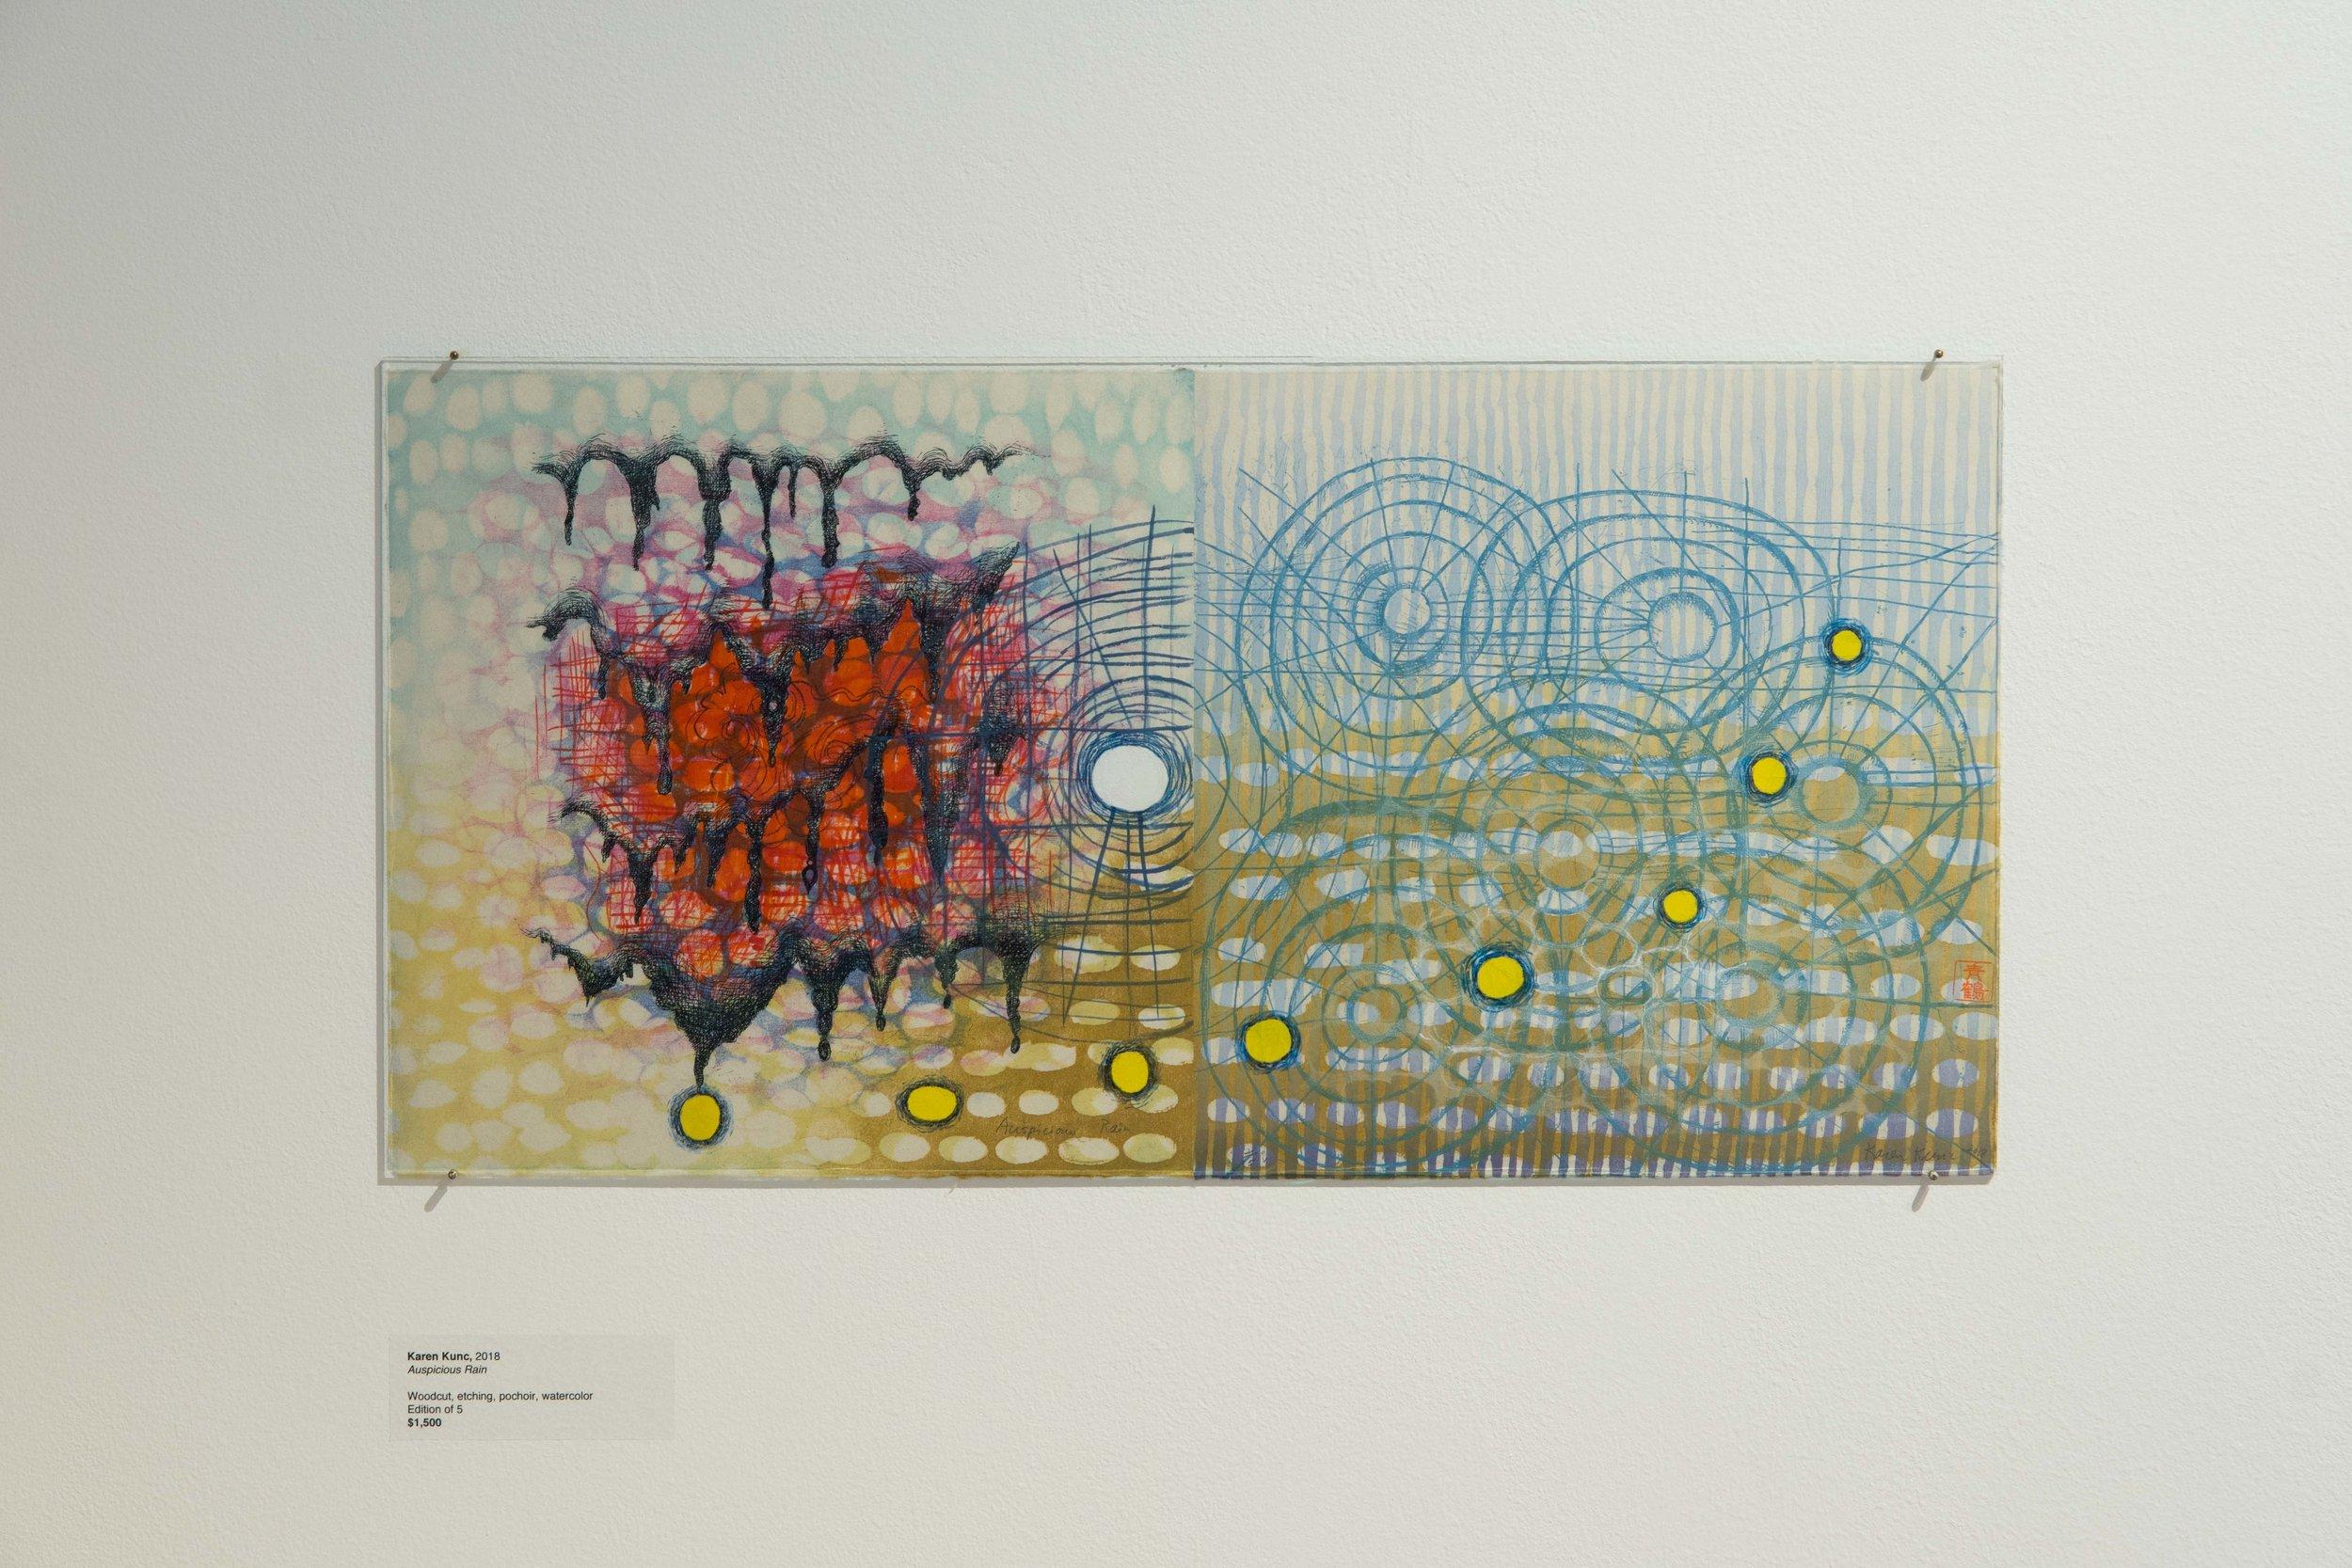 Highpoint ExhibitWeather by Karen Kunc190815a0090.JPG